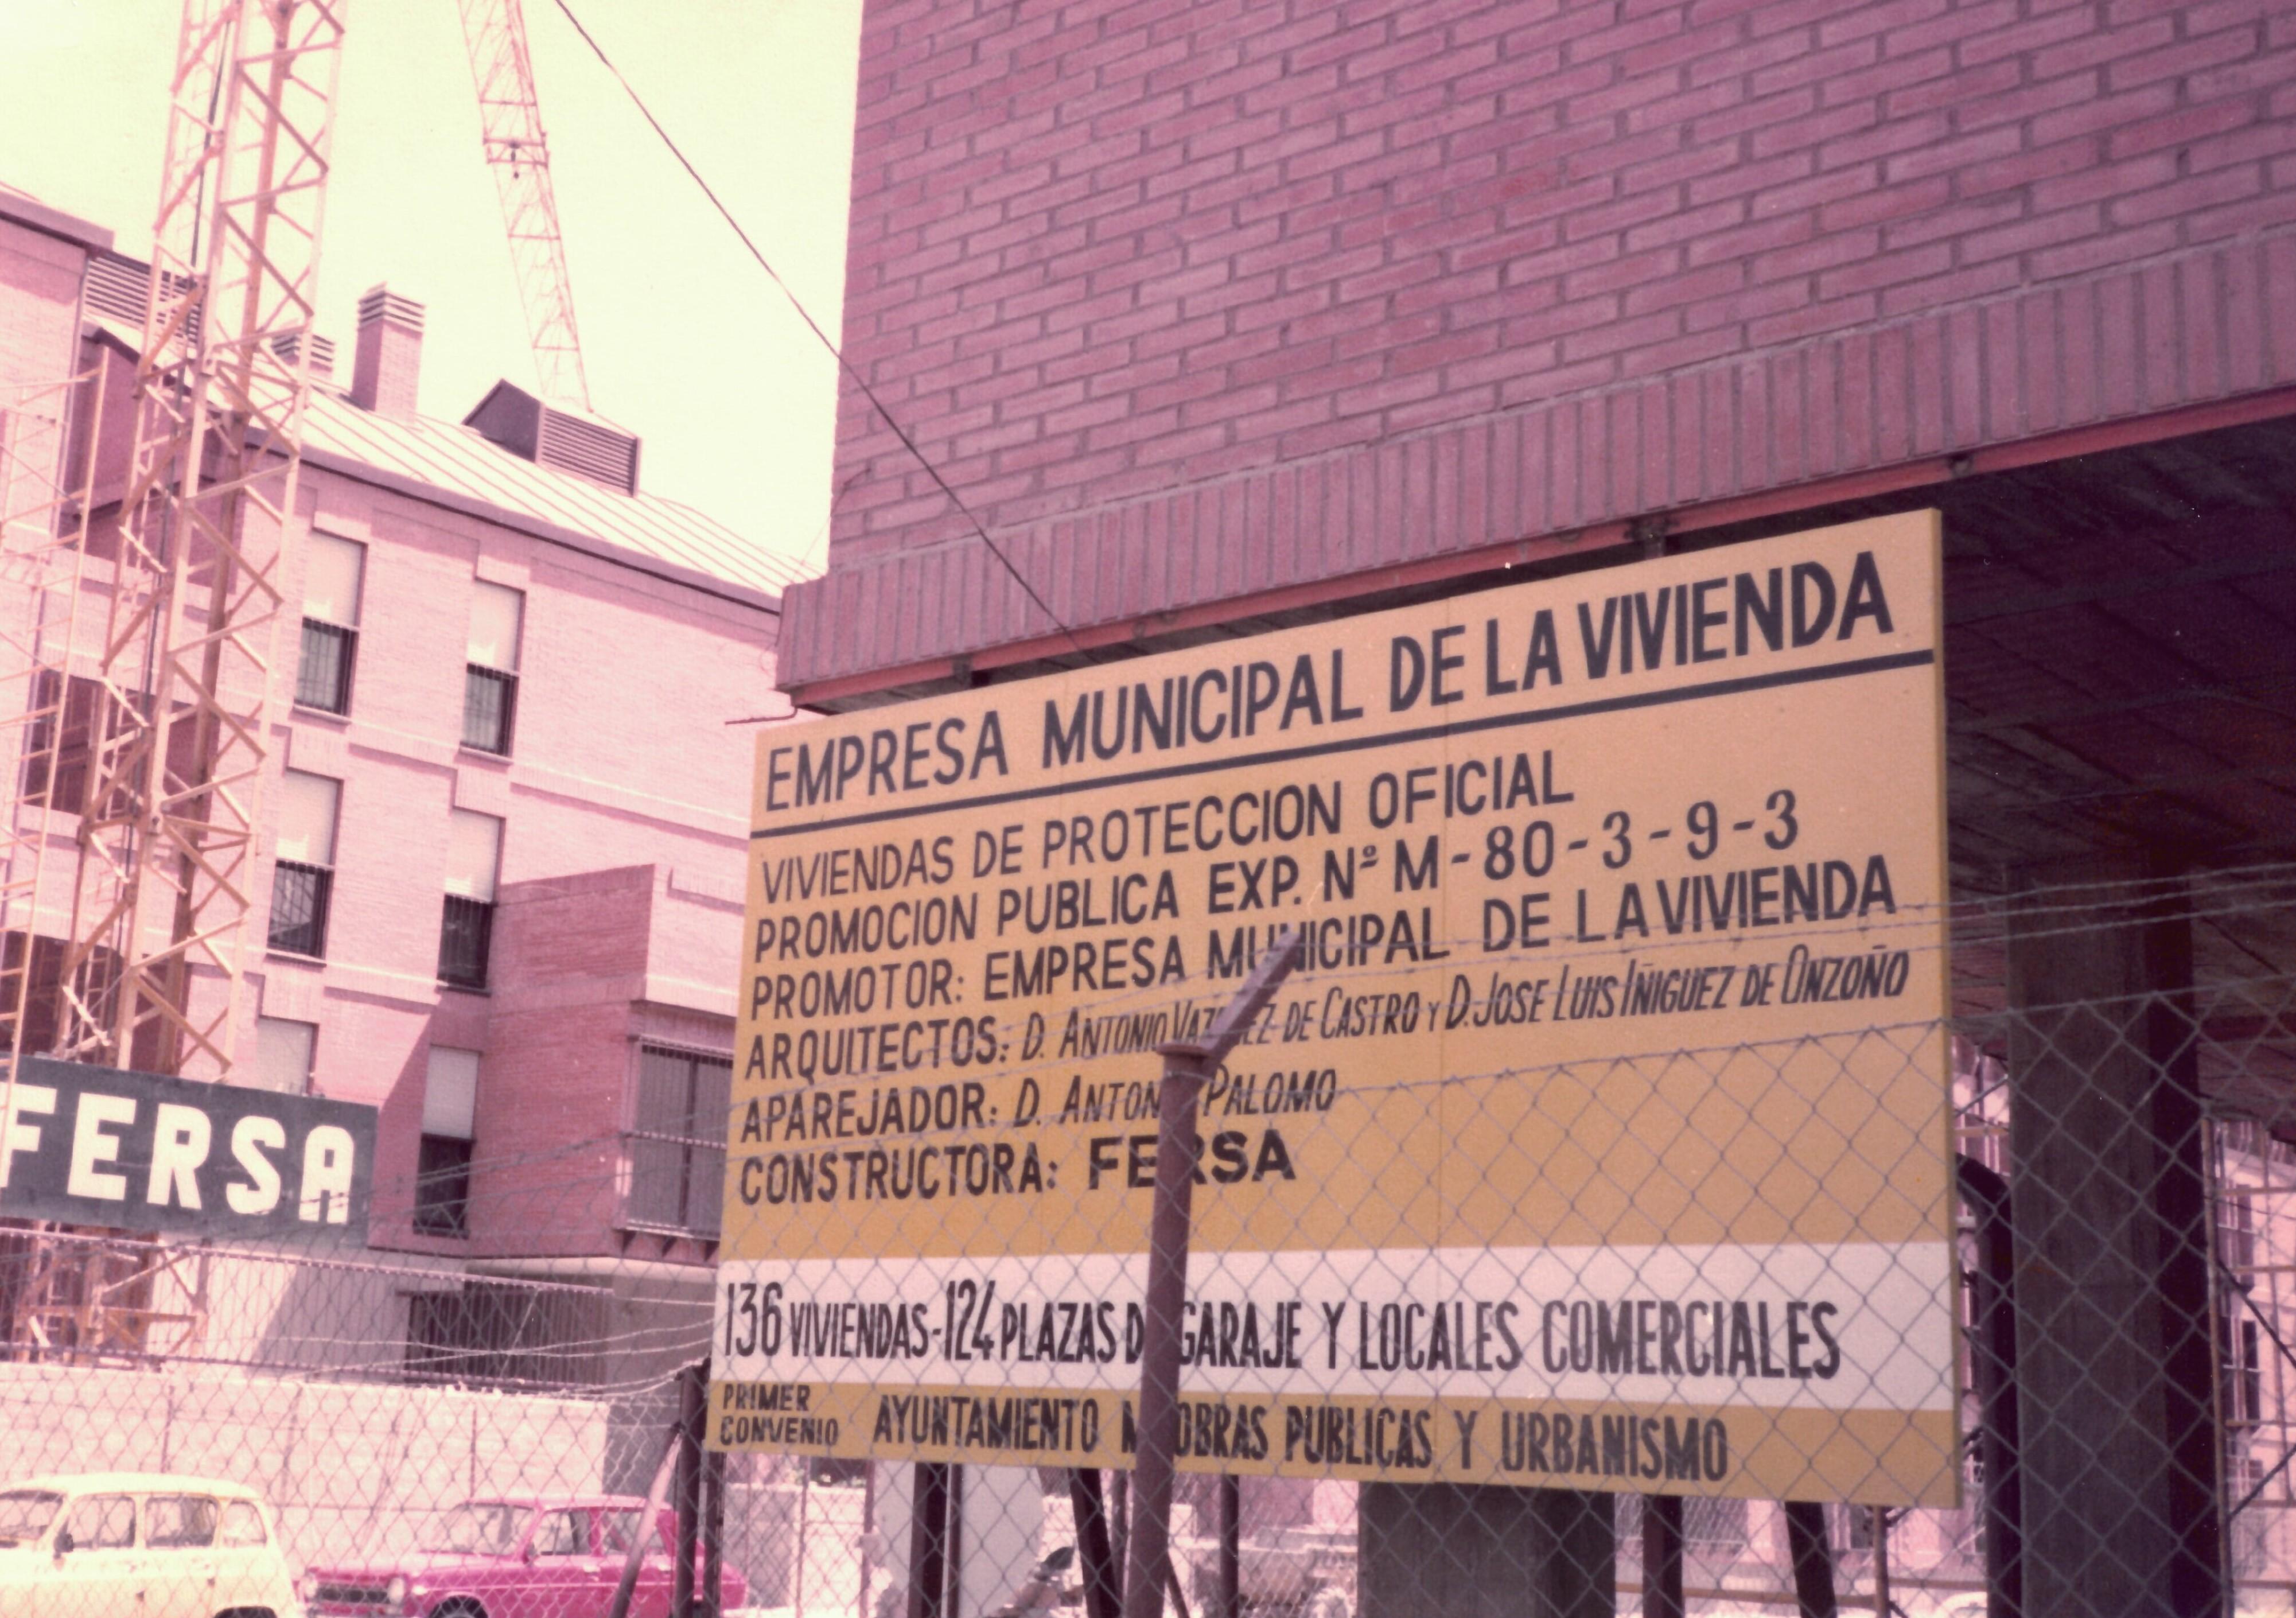 Primera promoción que hicimos en Carabanchel y que se entregó en 1983 / EMVS